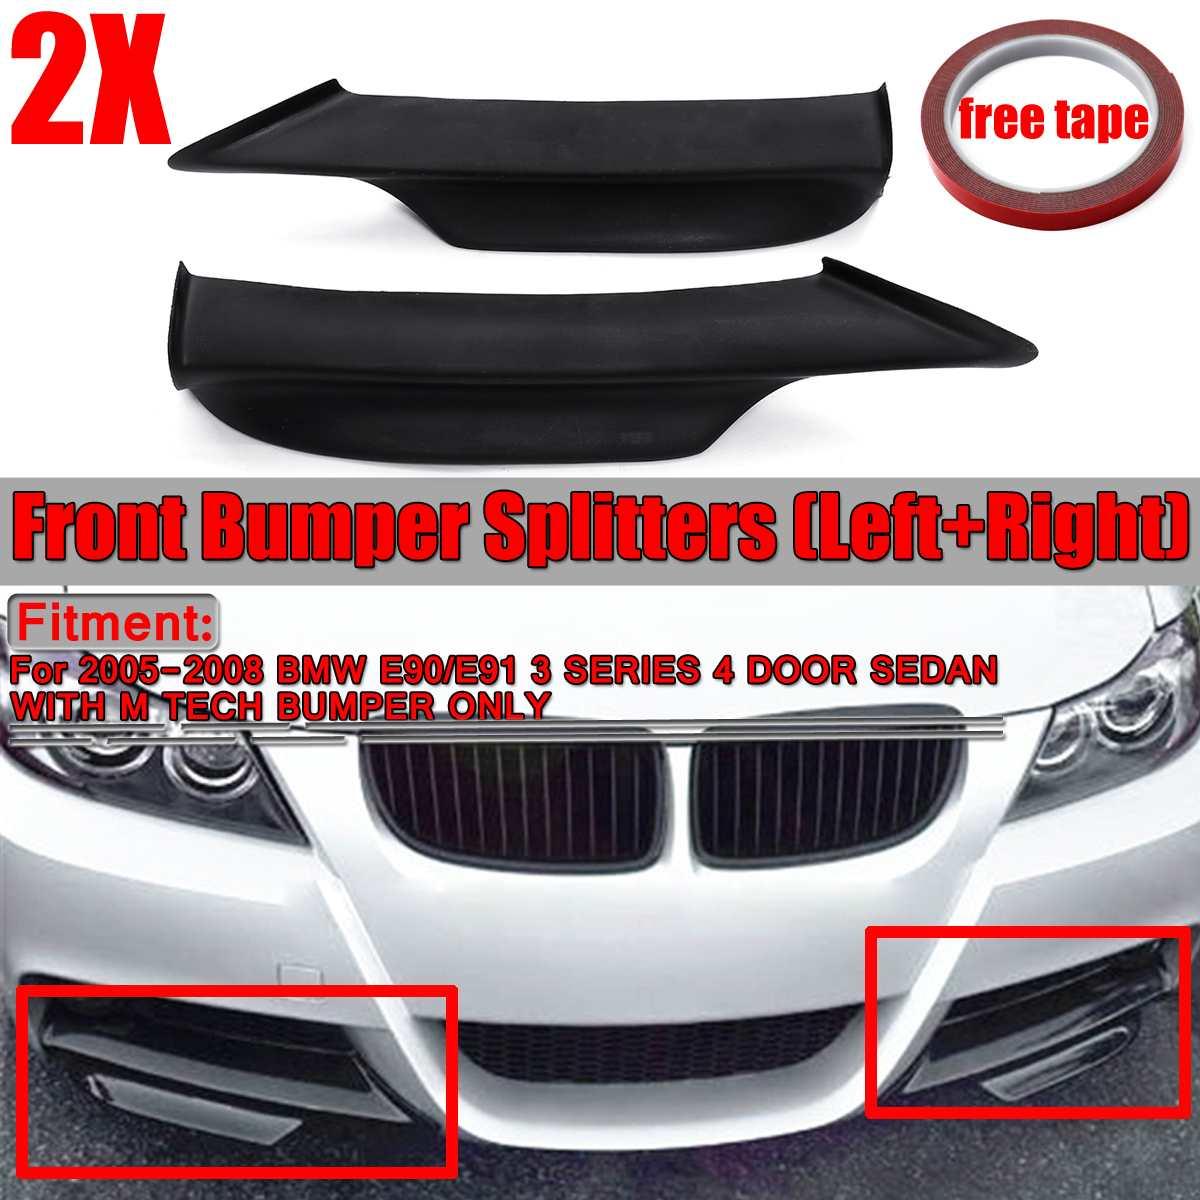 2x czarny przedni zderzak samochodowy część rozdzielająca nakładki zderzaka dla BMW E90 E91 3 seria 4Dr Sedan m-tech 2005 2006 2007 2008 zderzak Spoiler dyfuzor Lip